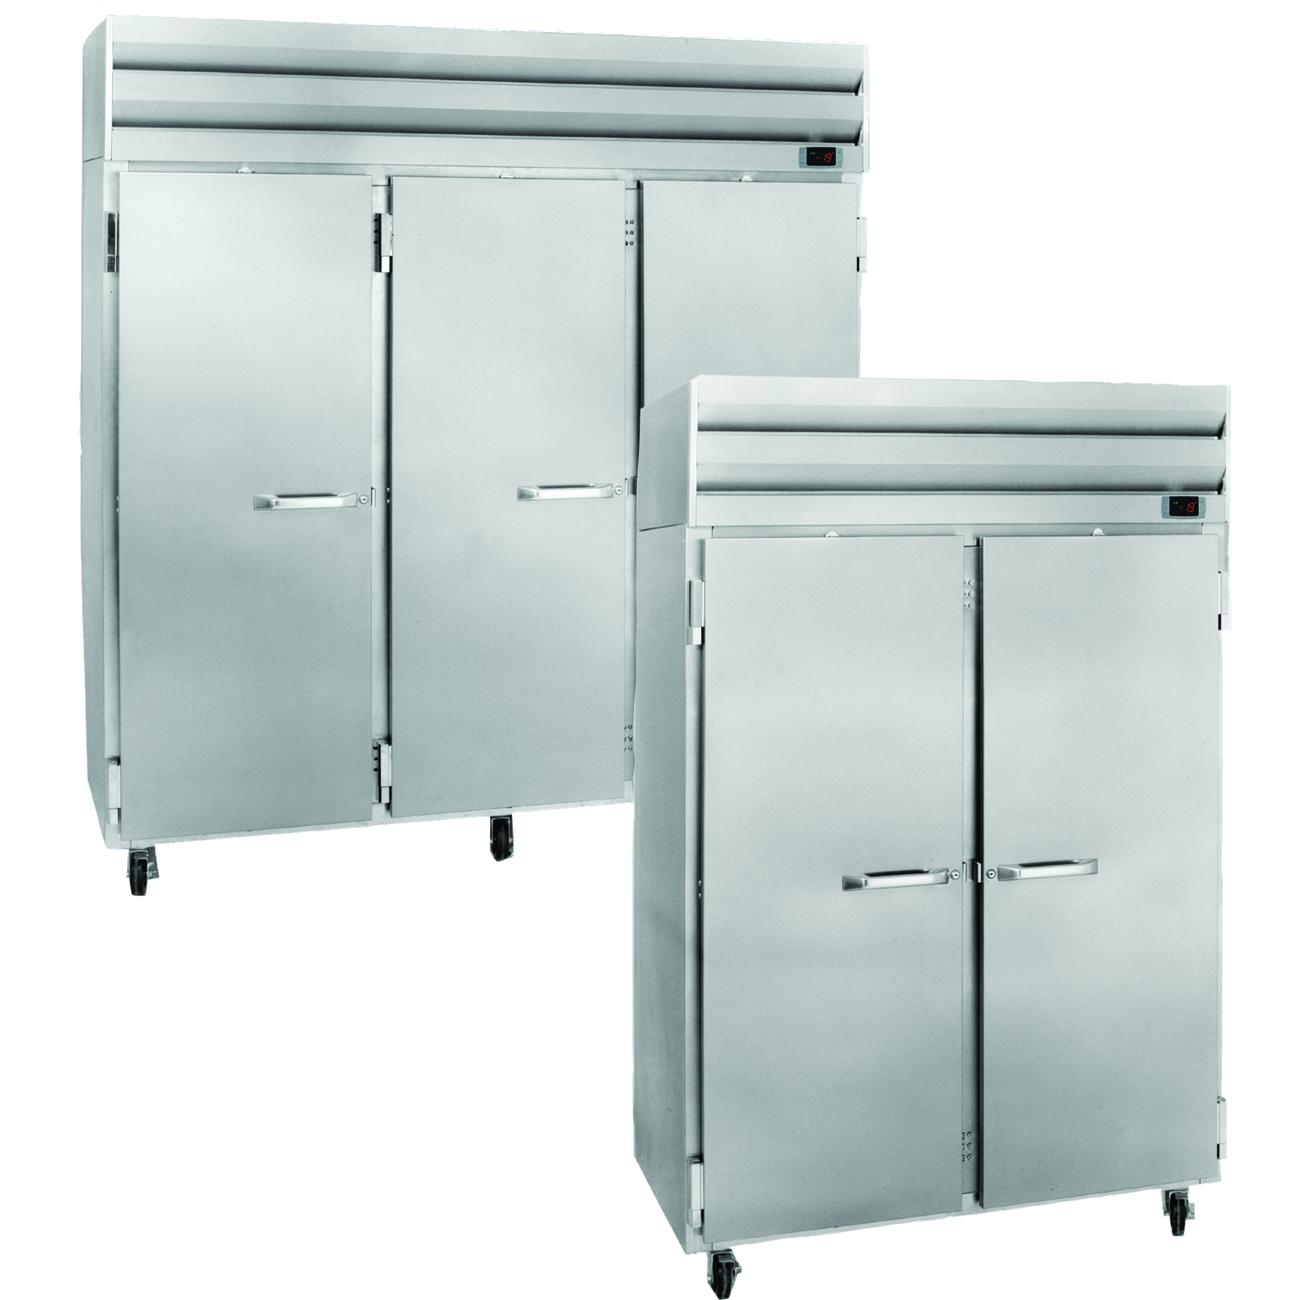 Howard-McCray SR75 refrigerator, reach-in